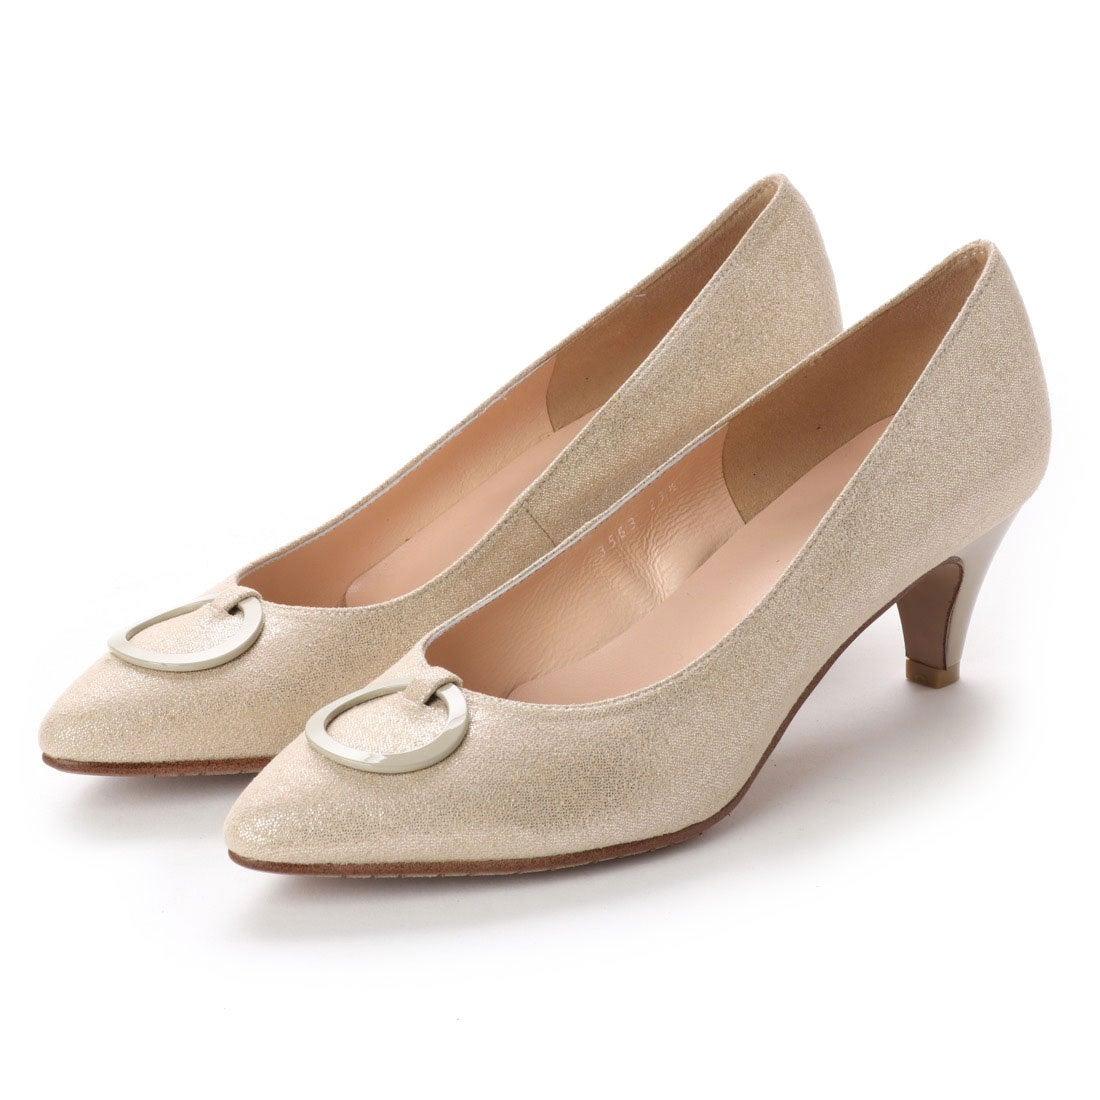 ロコンド 靴とファッションの通販サイトフラッグFLAGバックル付きサラサラパンプス(BG)